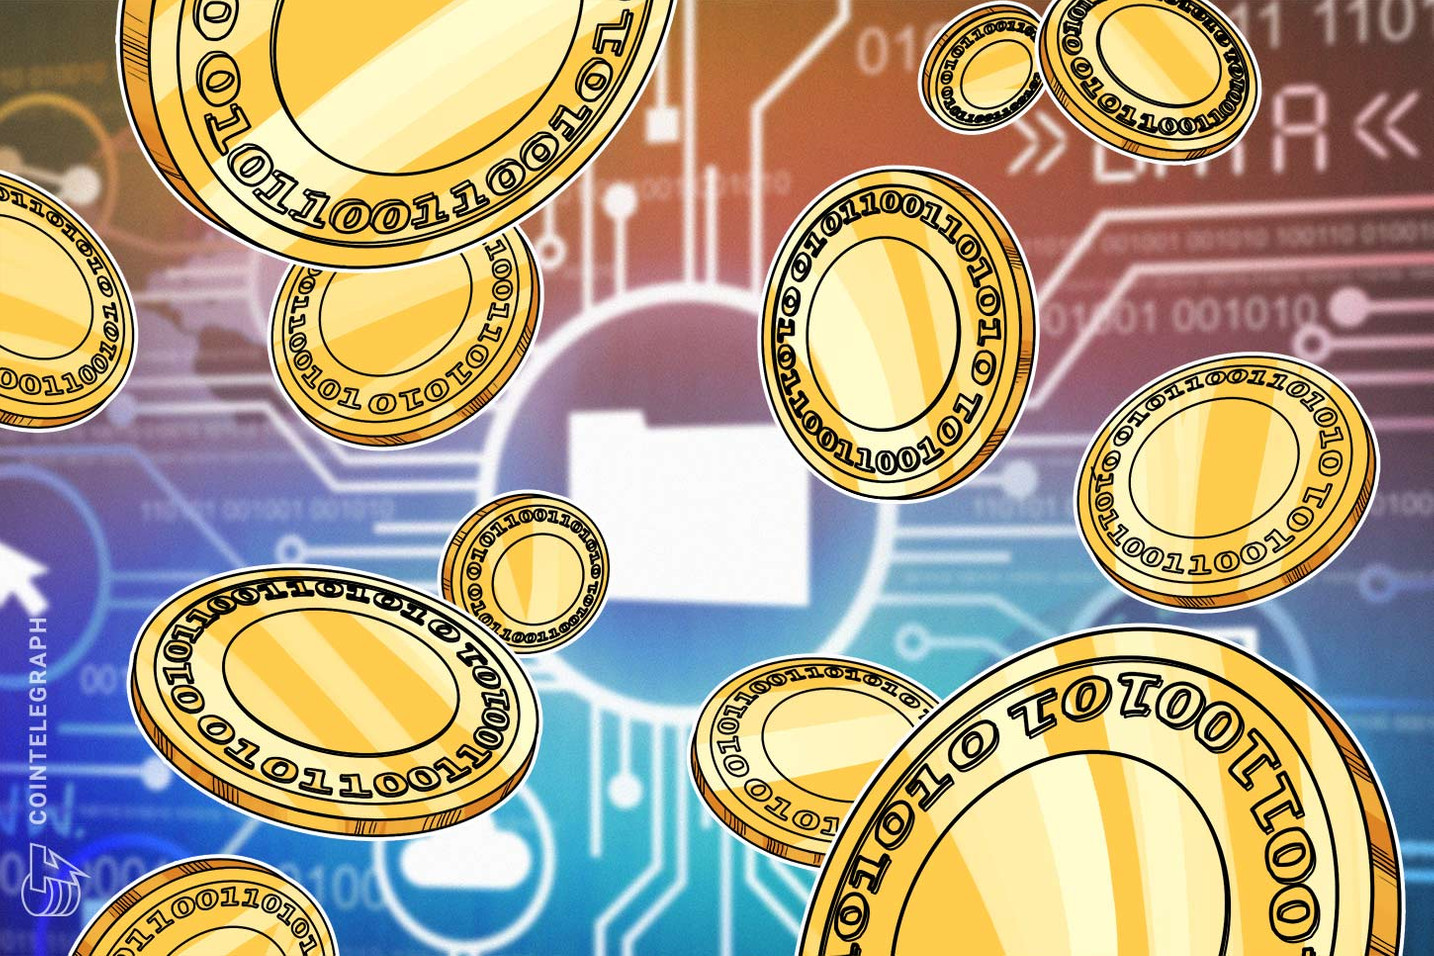 SIX Group Manager pessimistisch über Kryptobörse, optimistisch gegenüber ICO